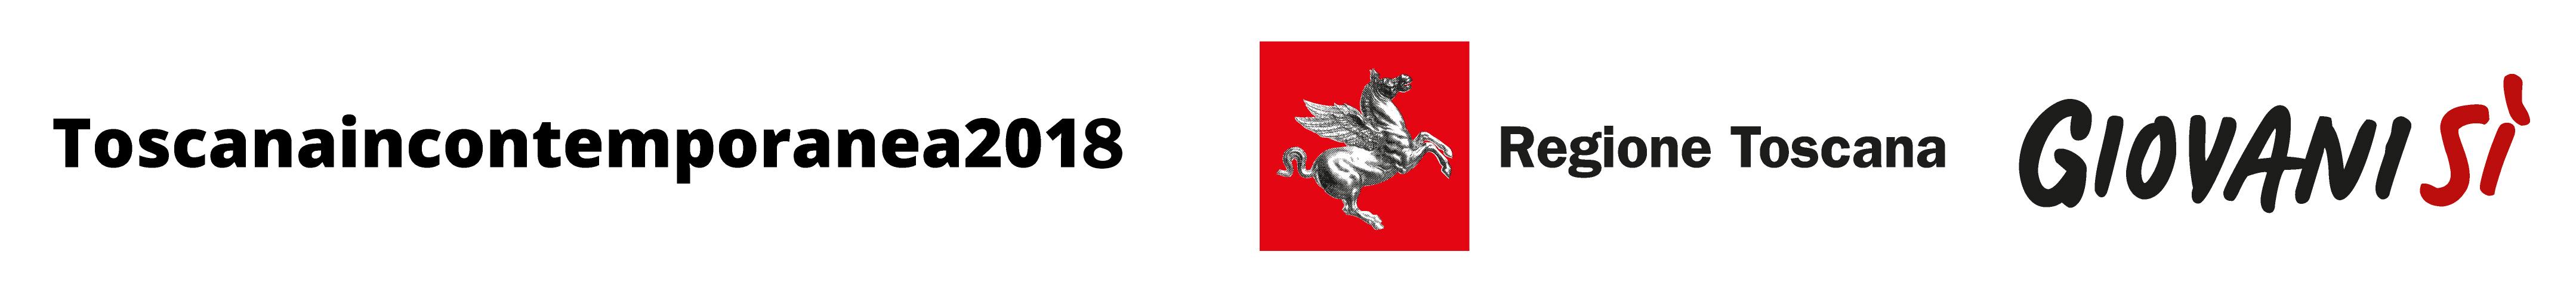 Toscanaincontemporanea2018 logo